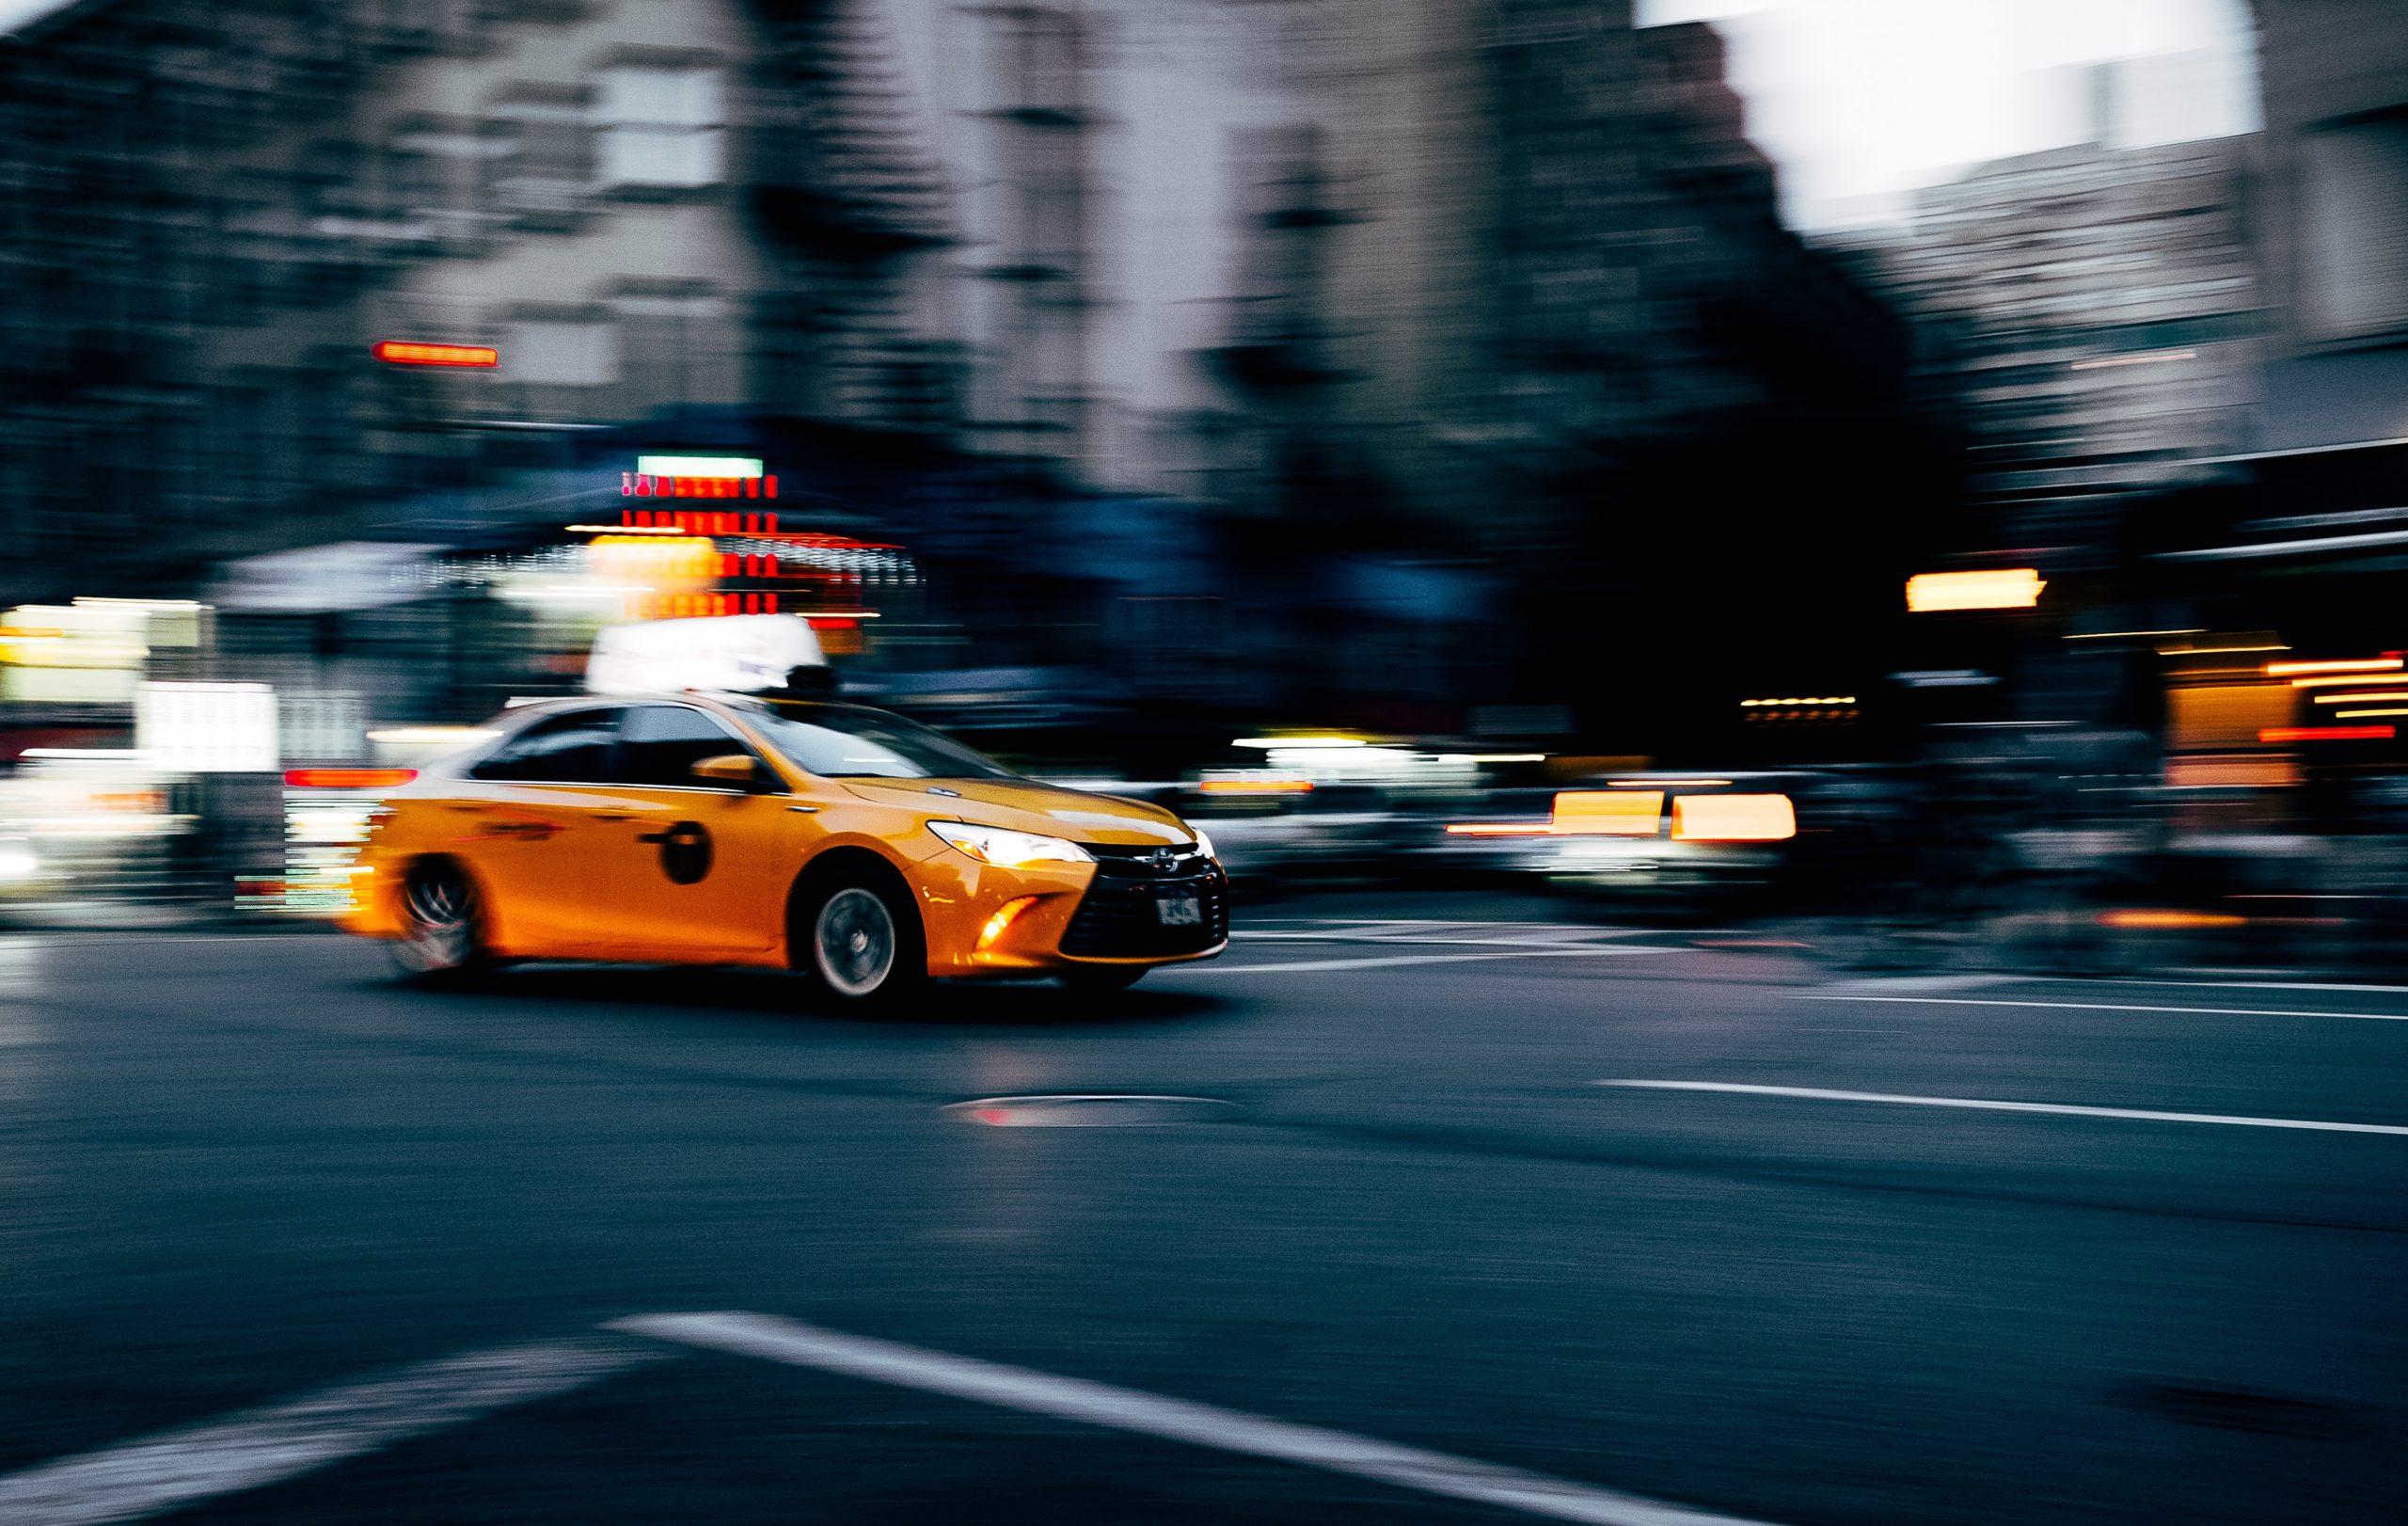 タクシードライバーに求められるスキルと資質を活かして仕事中